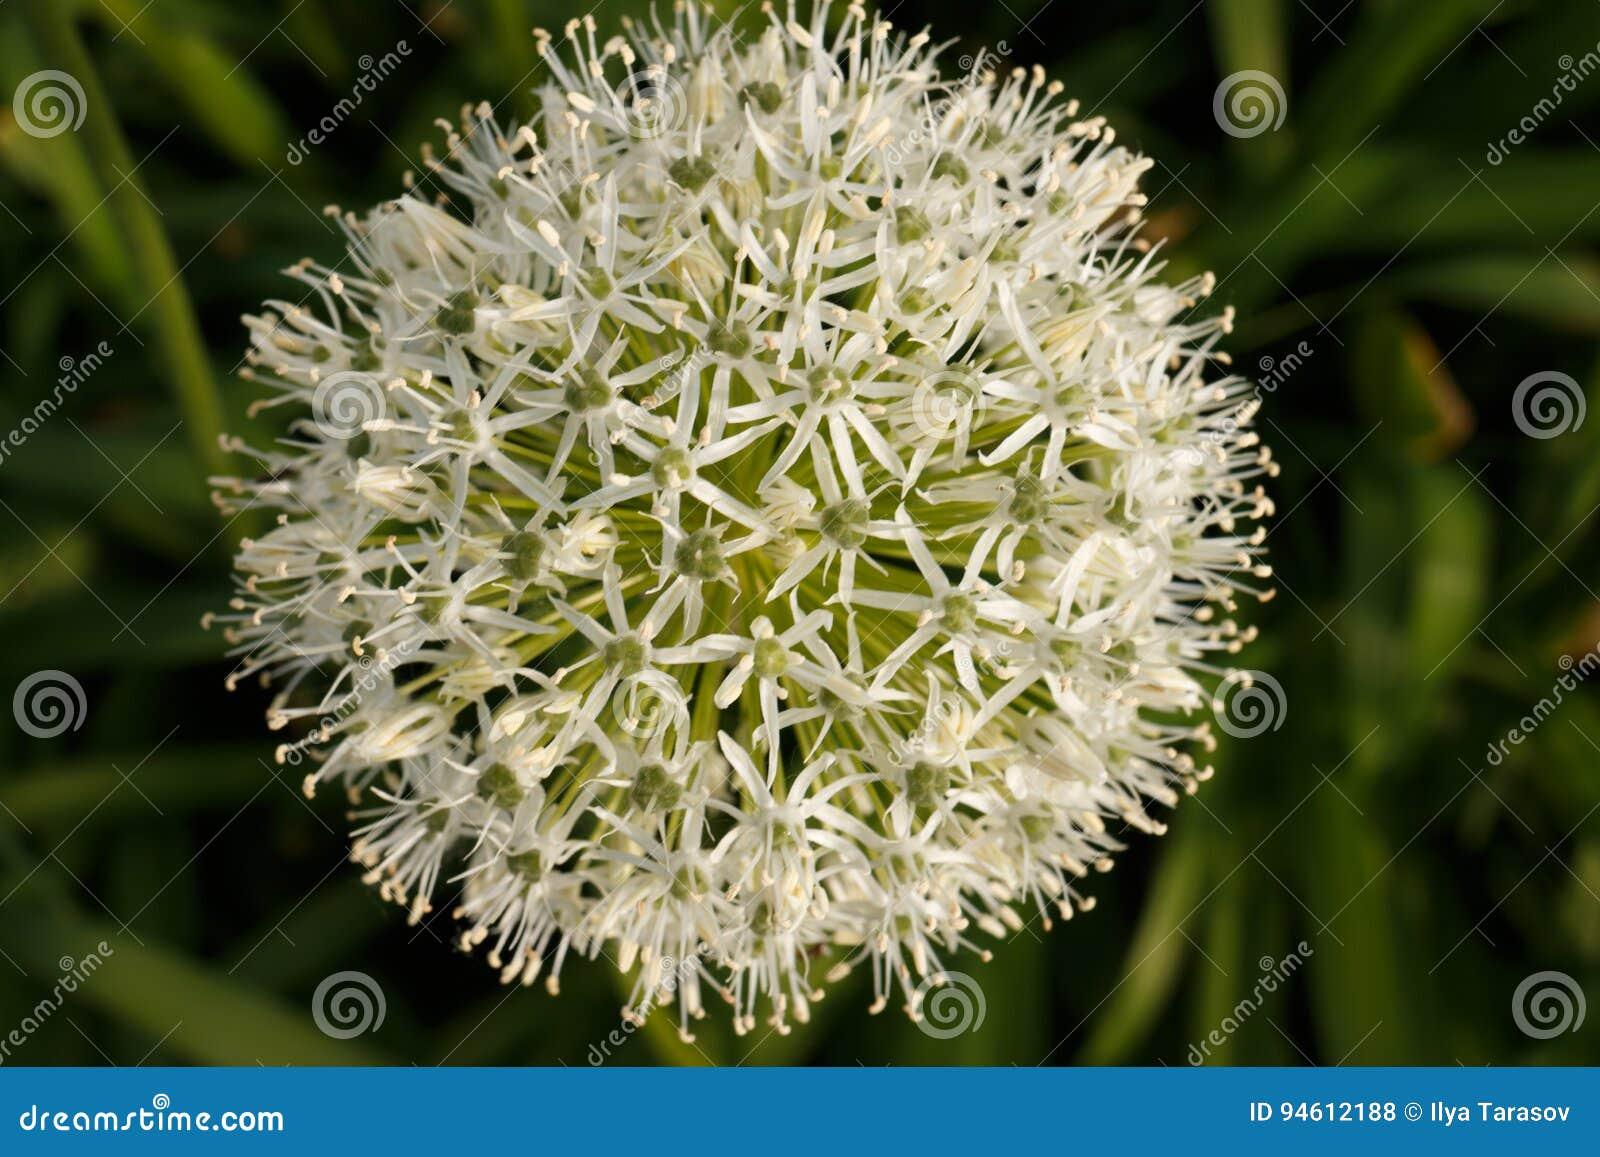 Fiori A Palla.Palla Bianco Verde Di Un Fiore Decorativo Fotografia Stock